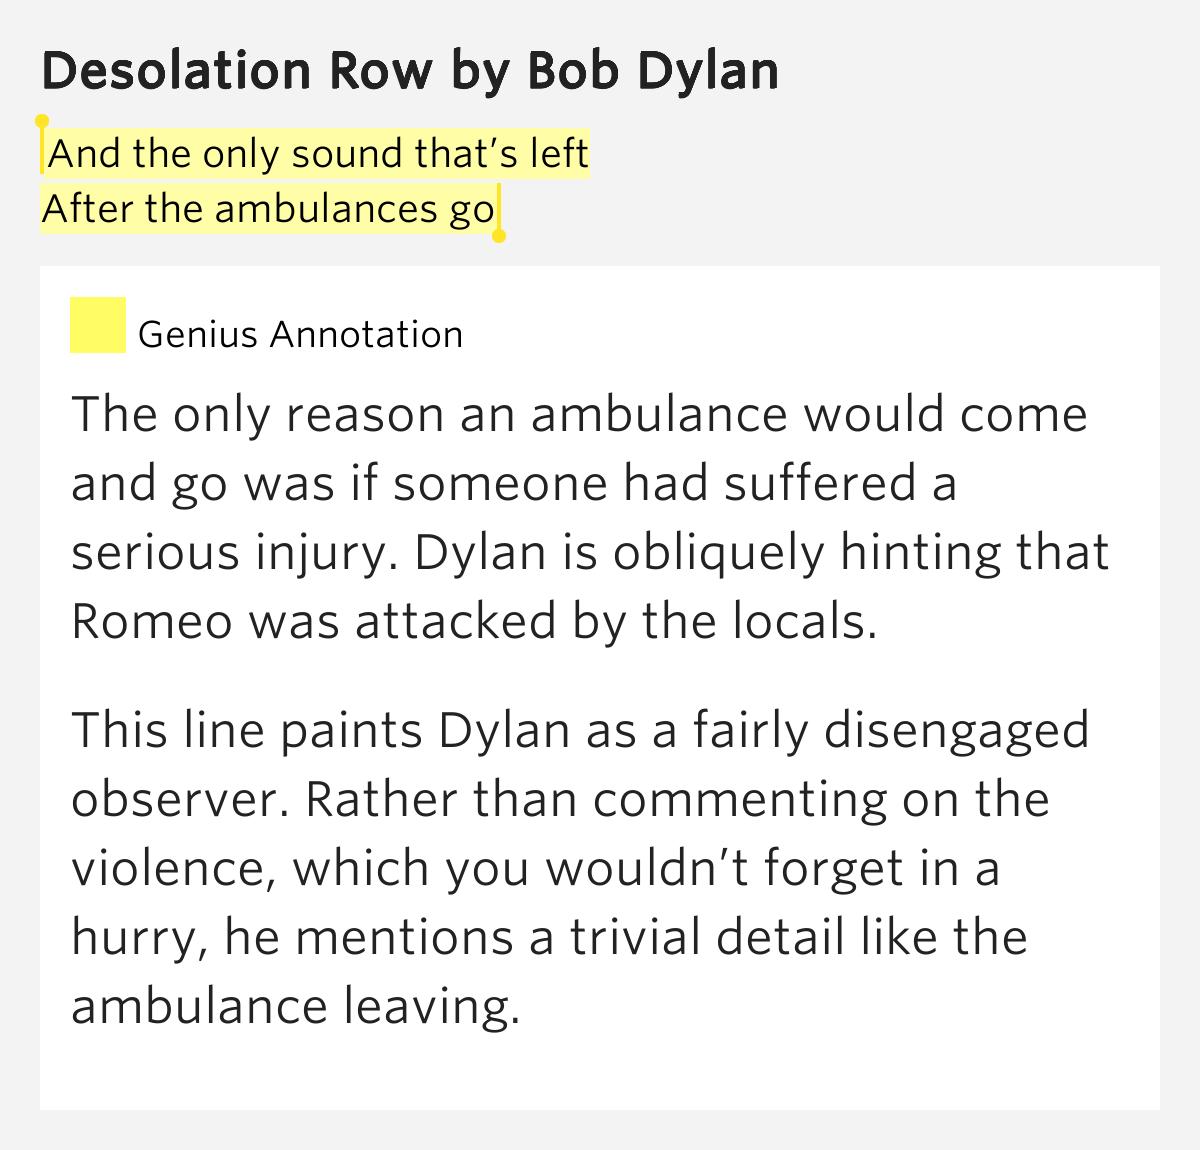 Lyrics containing the term: ambulances